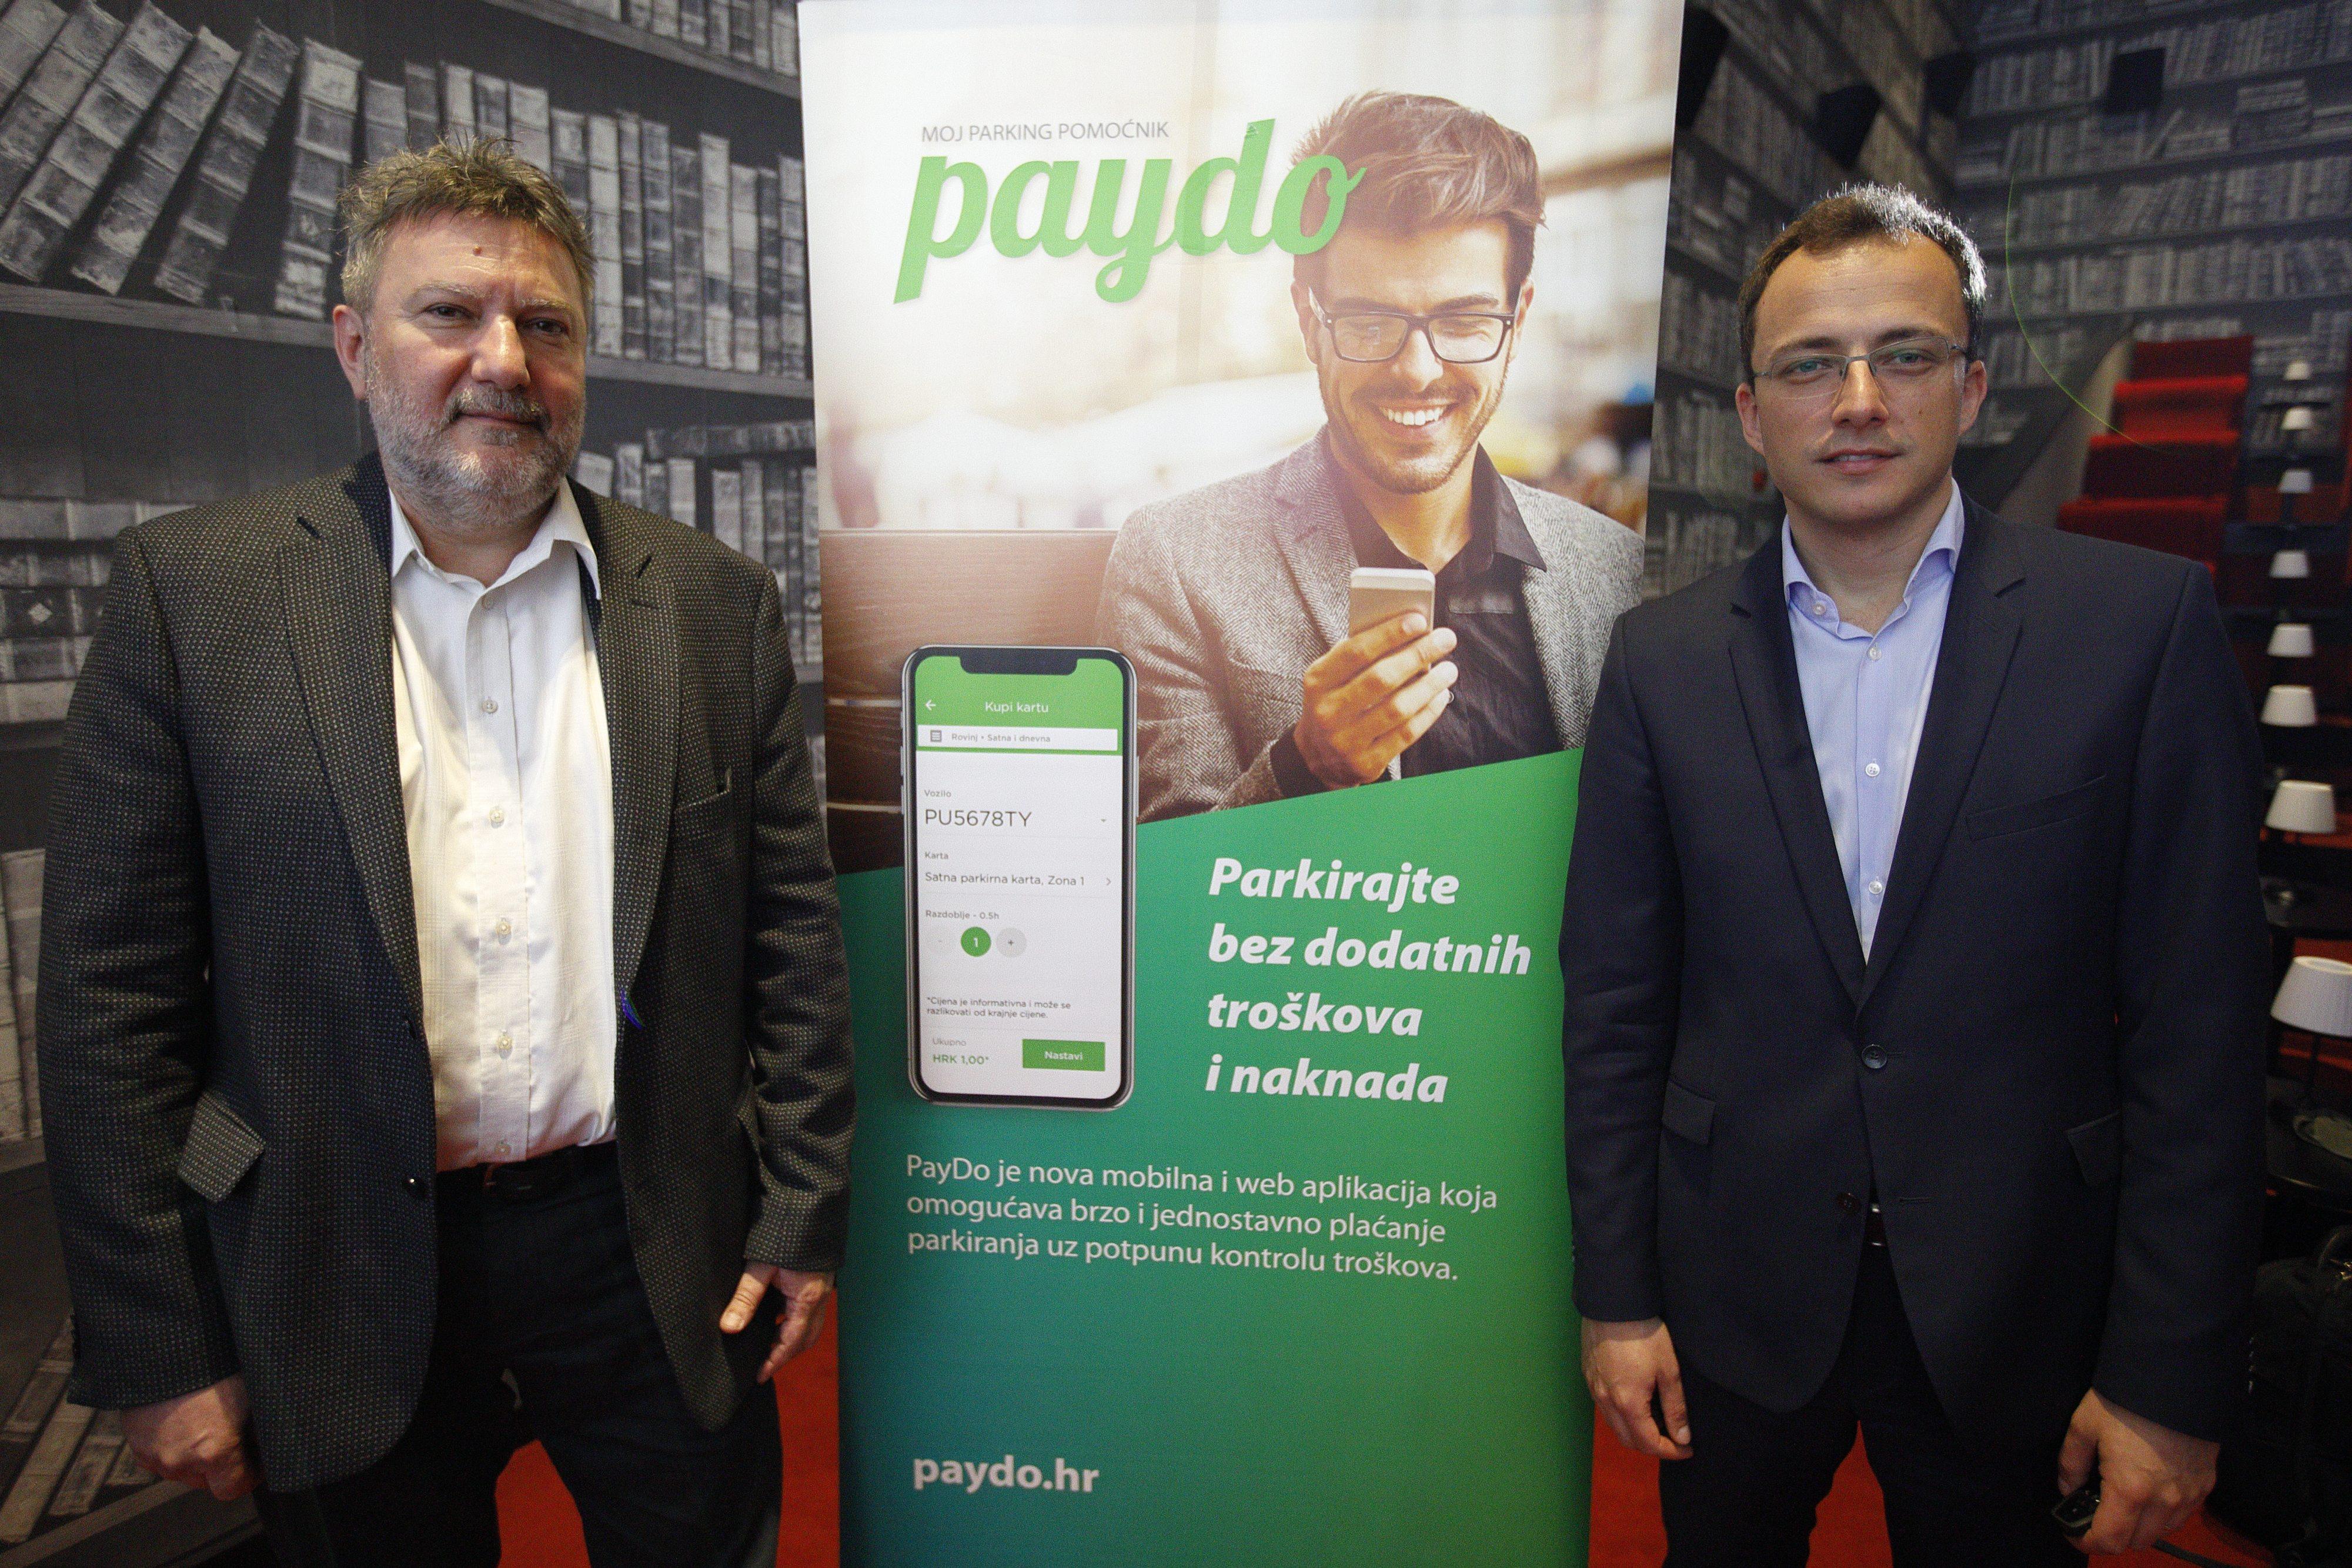 Borivoj Sirovica i Mario Hegedüs iz tvrtke Infoart